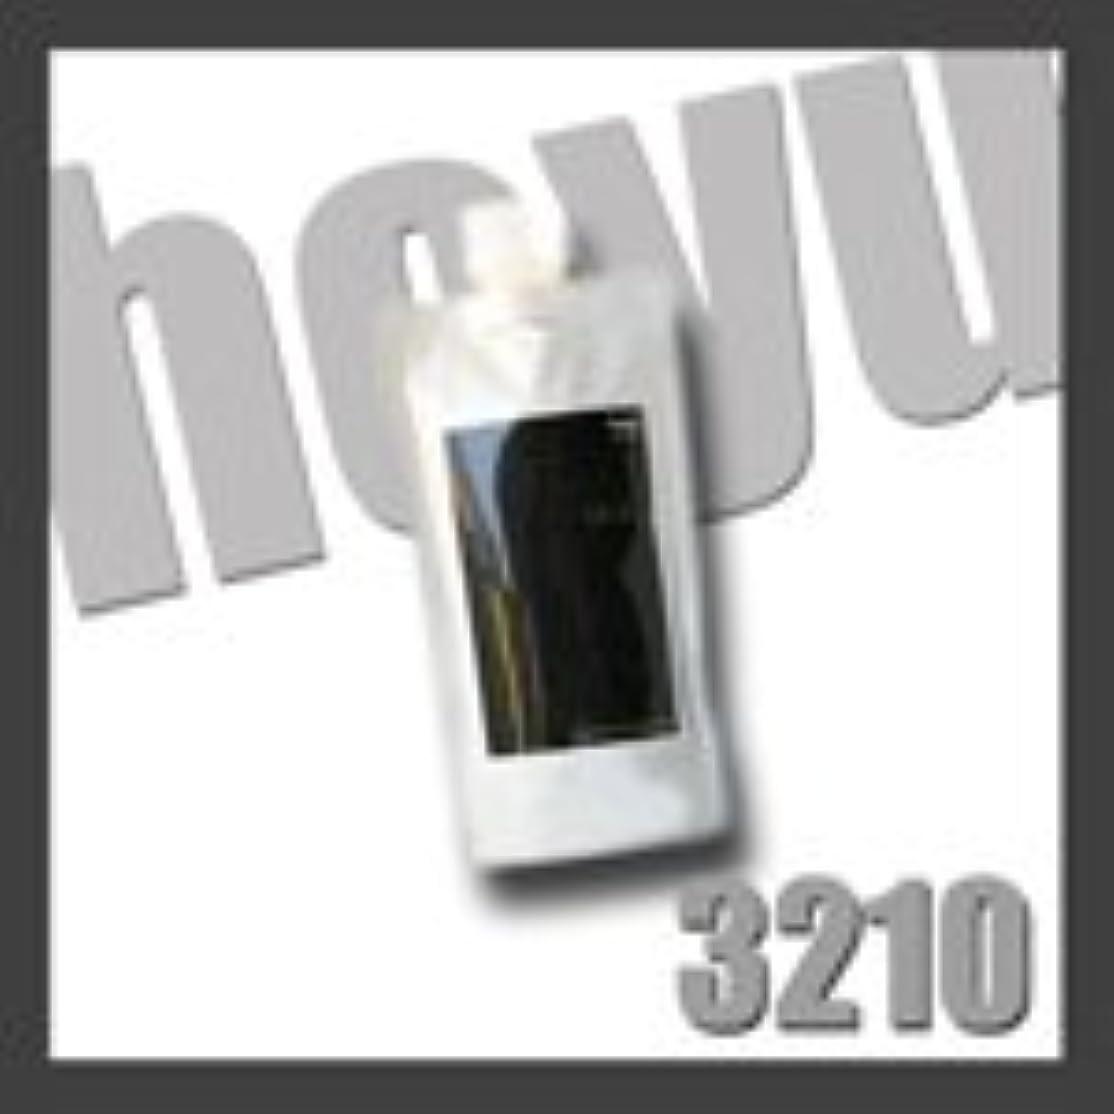 友情リス酔うHOYU ホーユー 3210 ミニーレ ウルトラハード ワックス レフィル 200g 詰替用 フィニッシュワークシリーズ